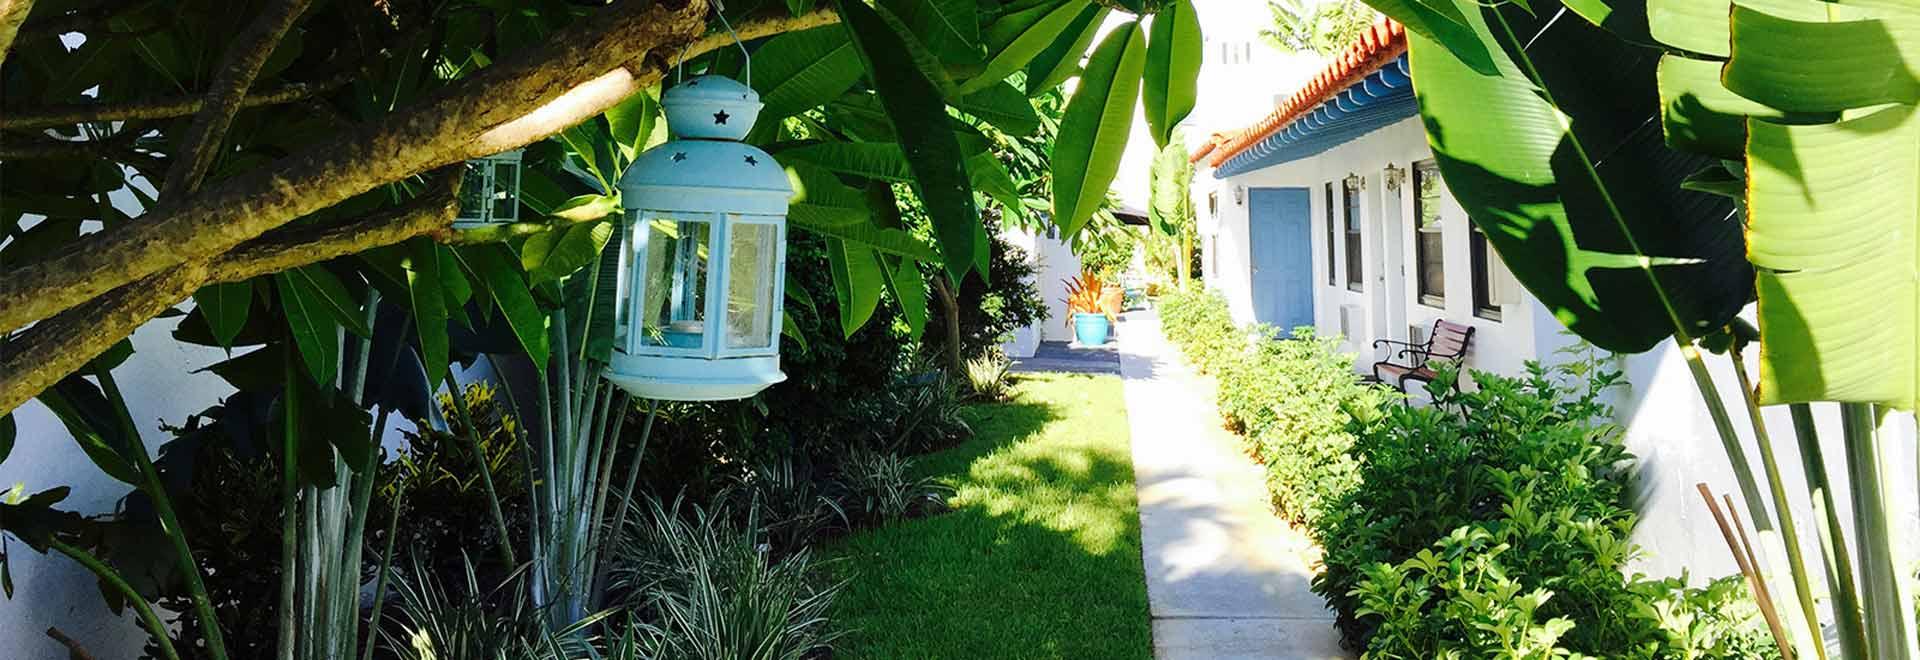 Walkway behind Oasis Hotel in Fort Lauderdale, Florida.